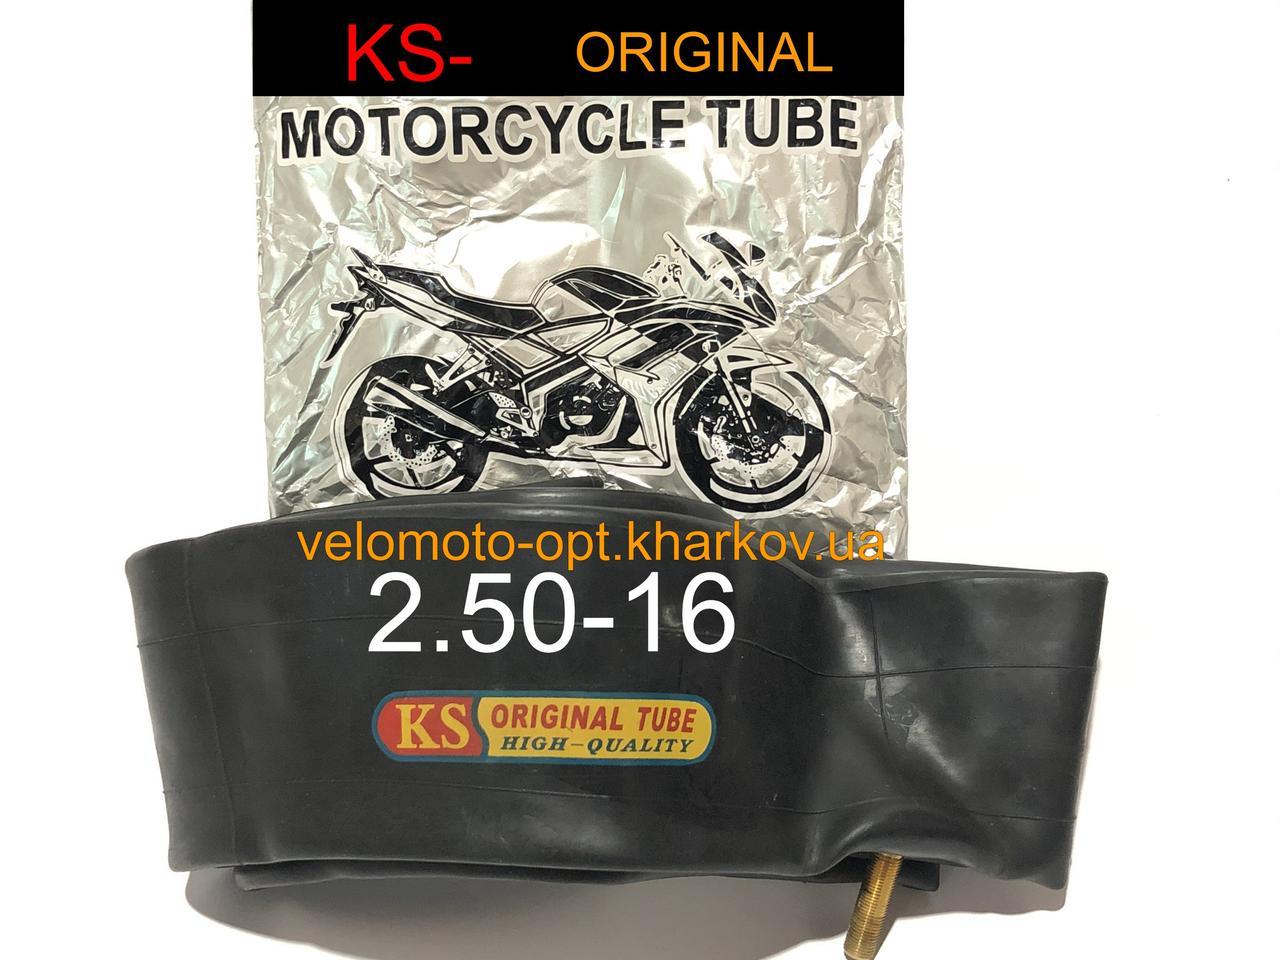 Камера KS 2.50-16 для мототехніки